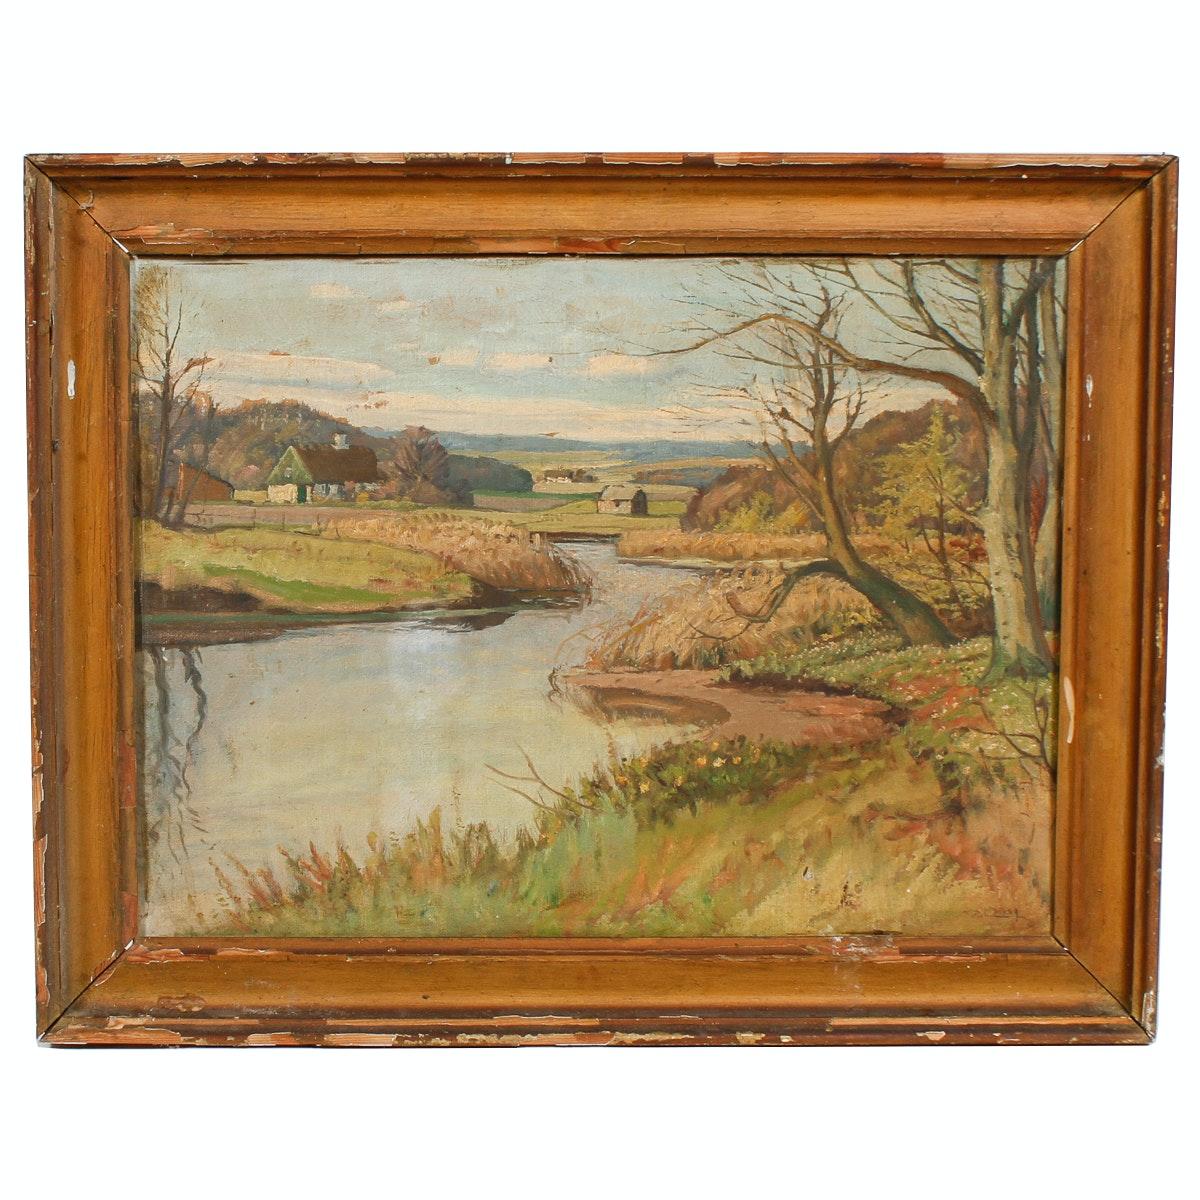 M. P. 1939 Landscape Oil Painting